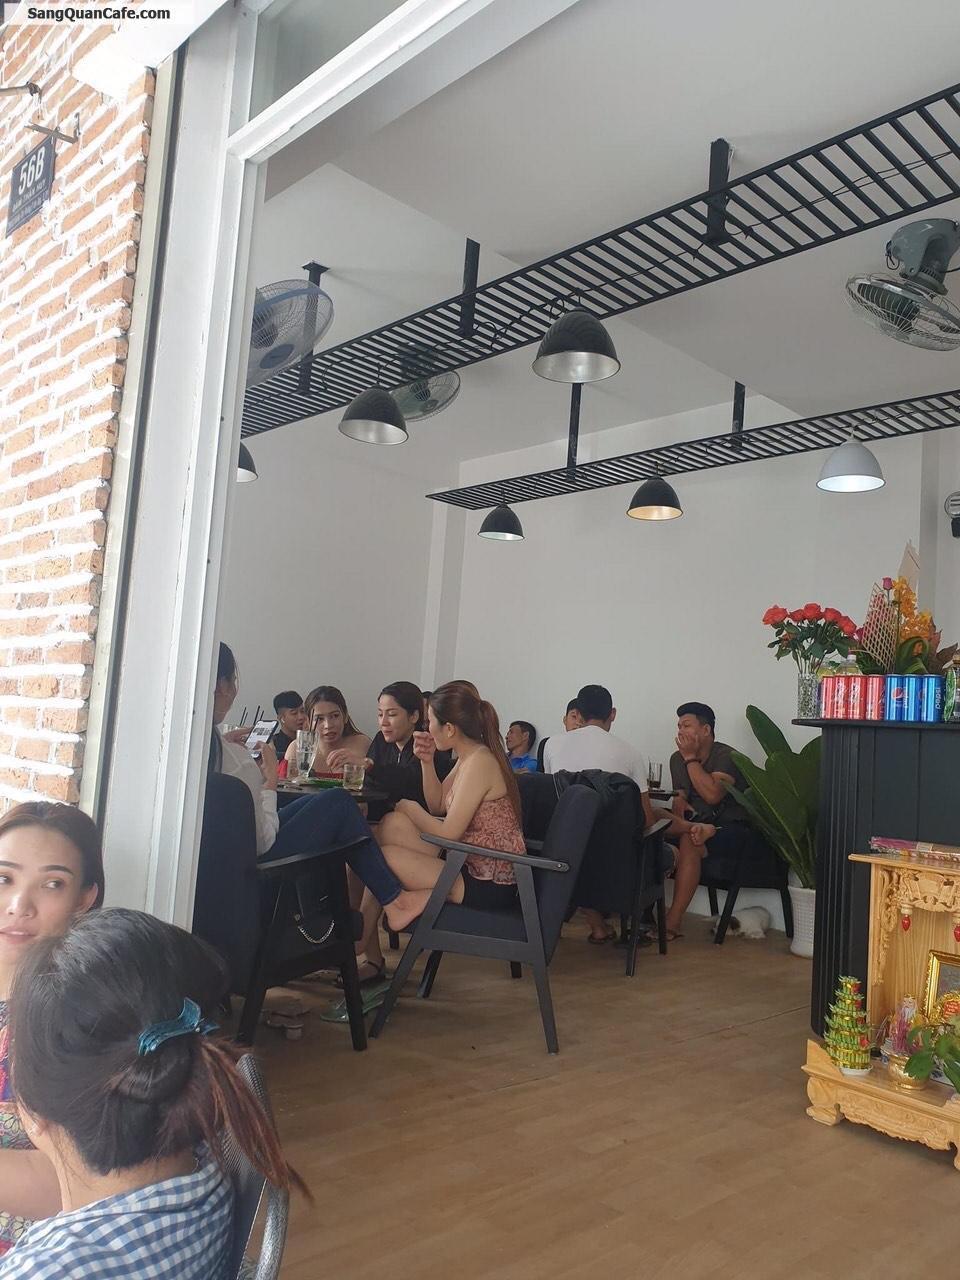 Sang quán cafe kinh doanh đông khách